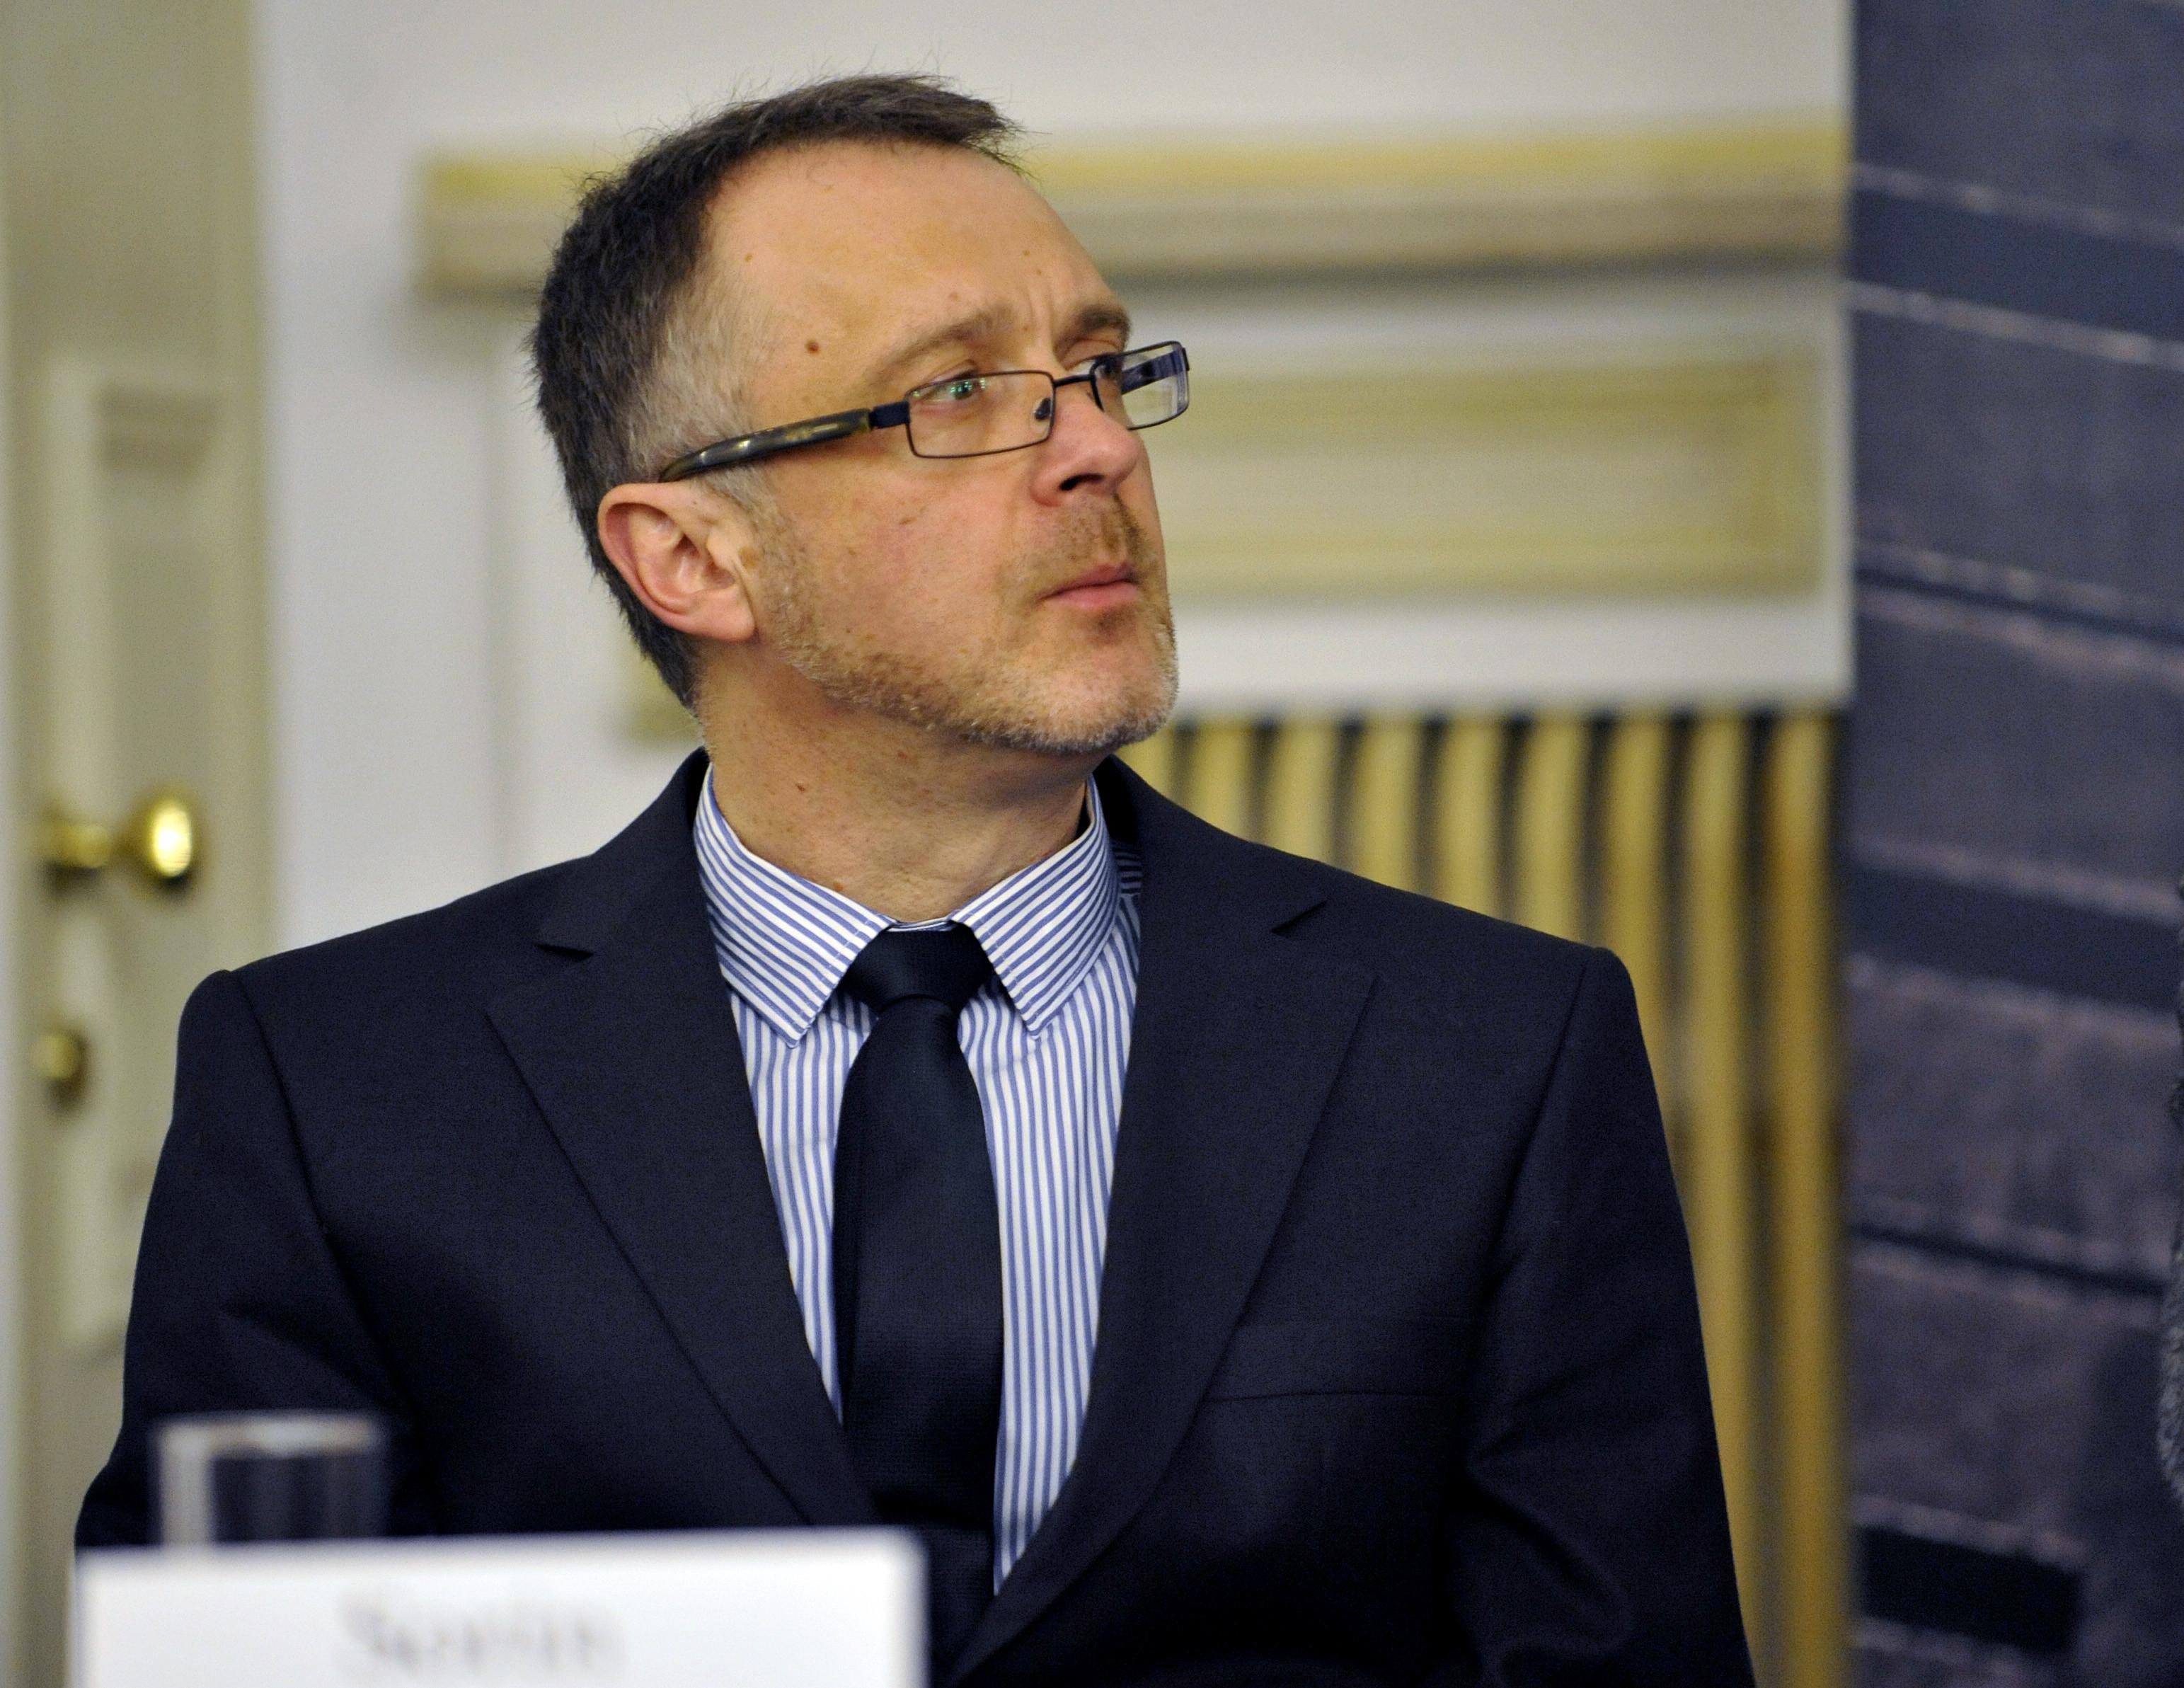 """Cine este Sorin Lavric, liderul AUR care susține că romii sunt o """"plagă socială"""". A fost exclus din Uniunea Scriitorilor"""